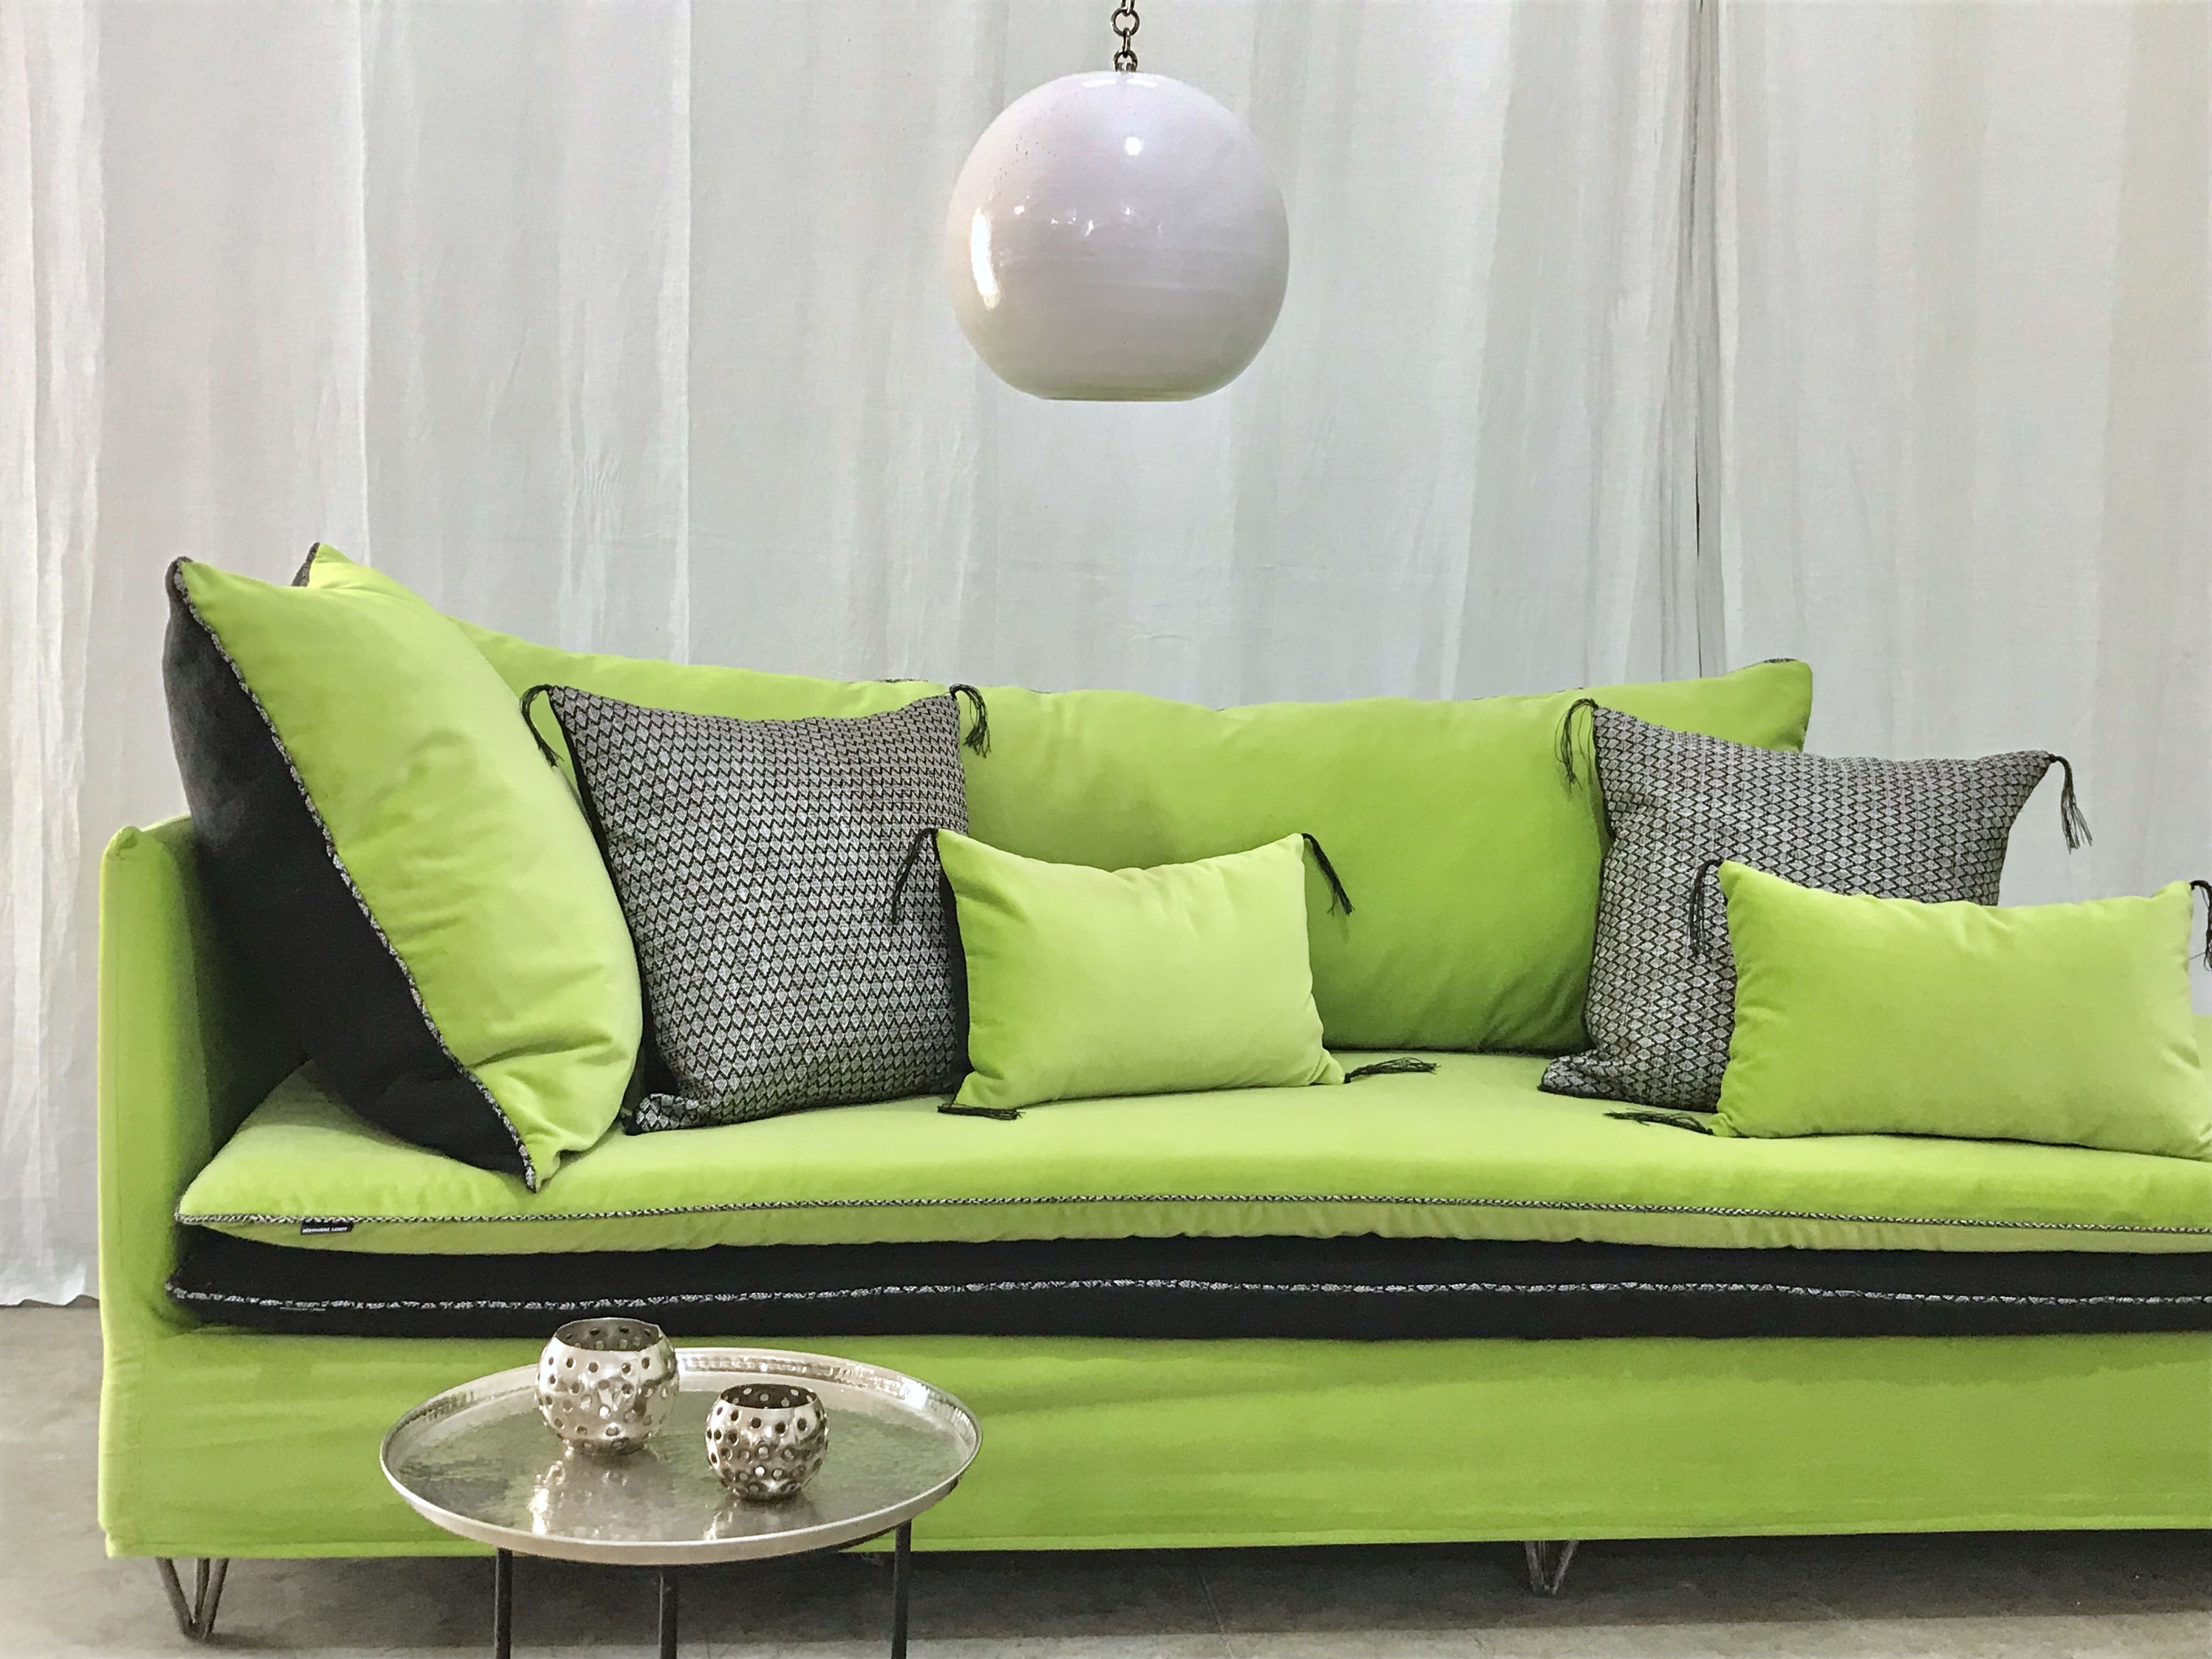 Canape Meridienne Sur Mesure Mille Et Une Nuit Velours Glam Vert Anis Finition Liseret Mykonos Mobilier De Salon Canape Canape Meridienne